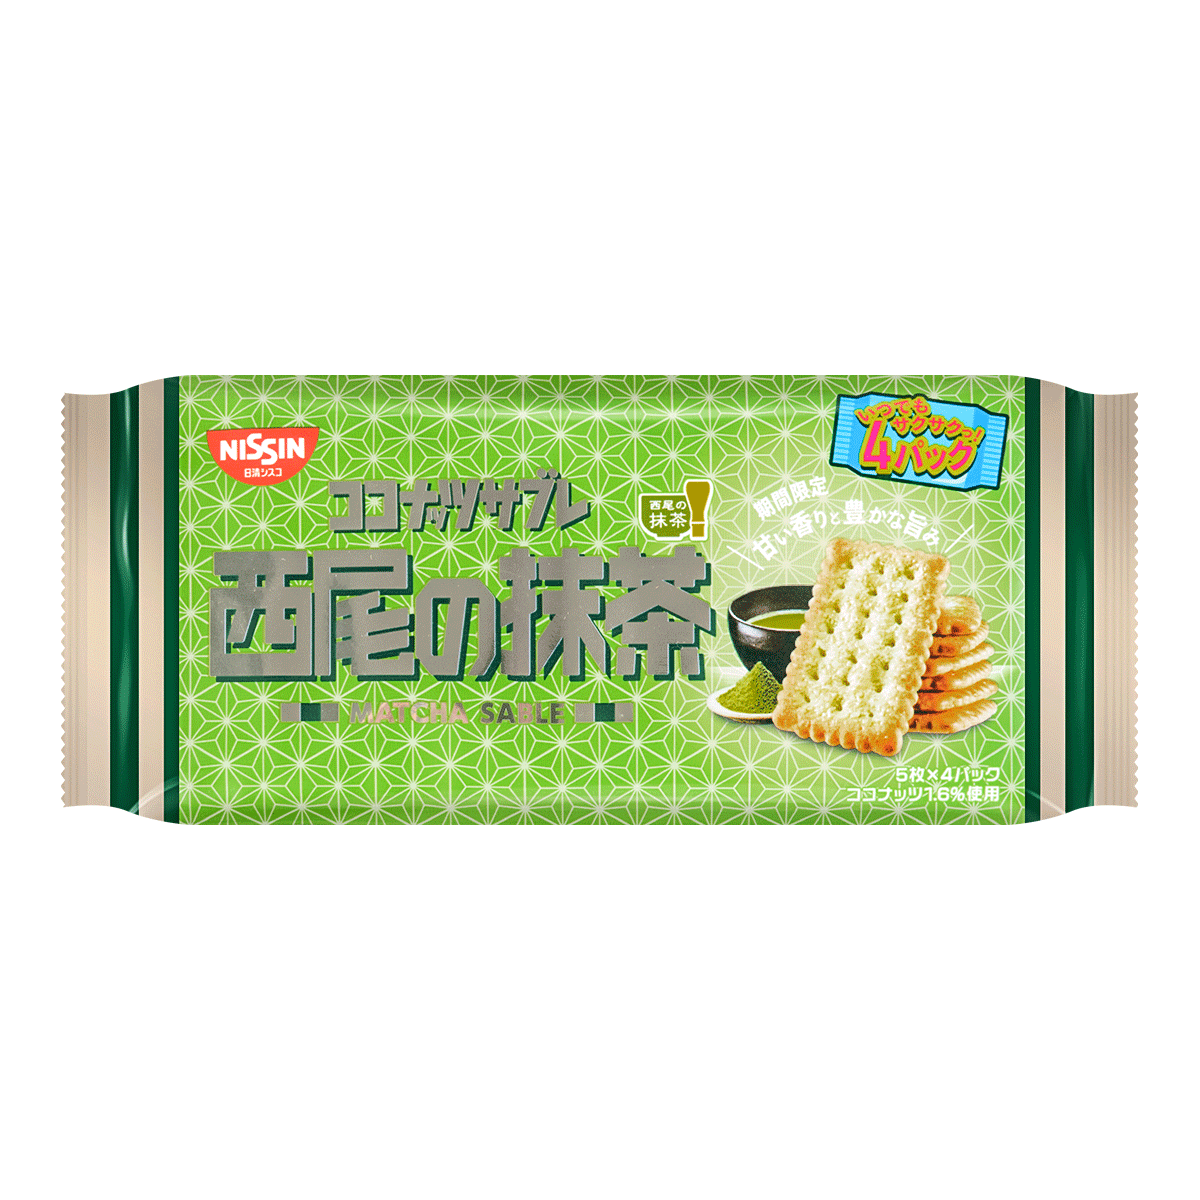 日本NISSIN日清 椰蓉抹茶饼干 5枚入 128g